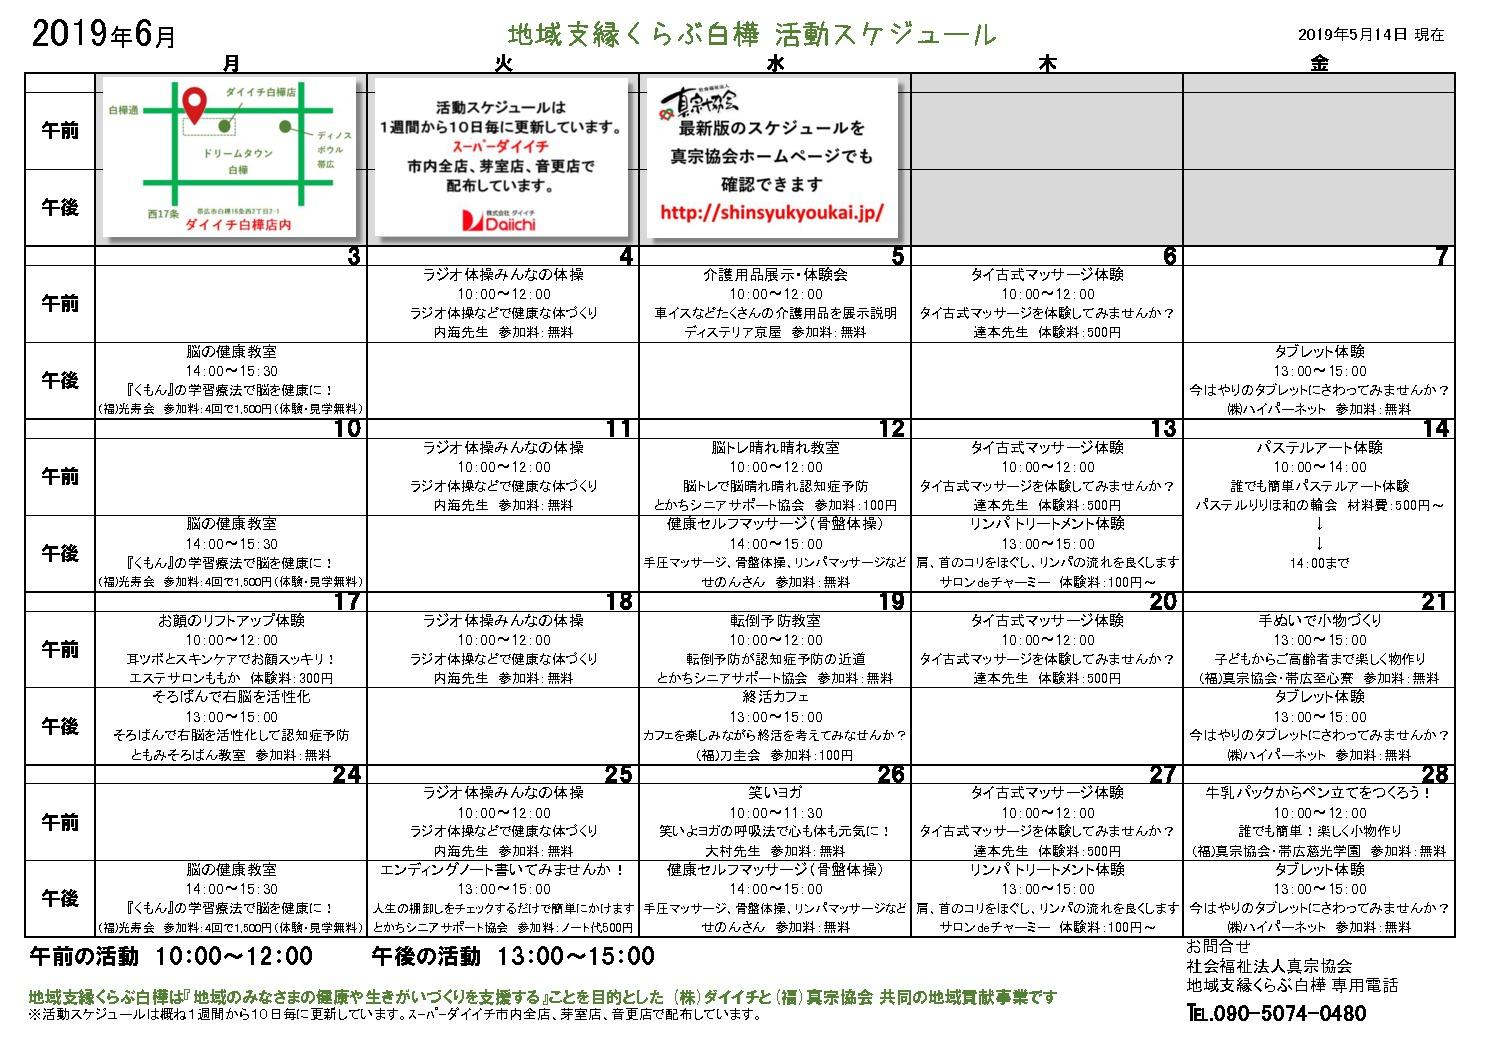 2019活動スケジュール6(2019.5.14付)のサムネイル